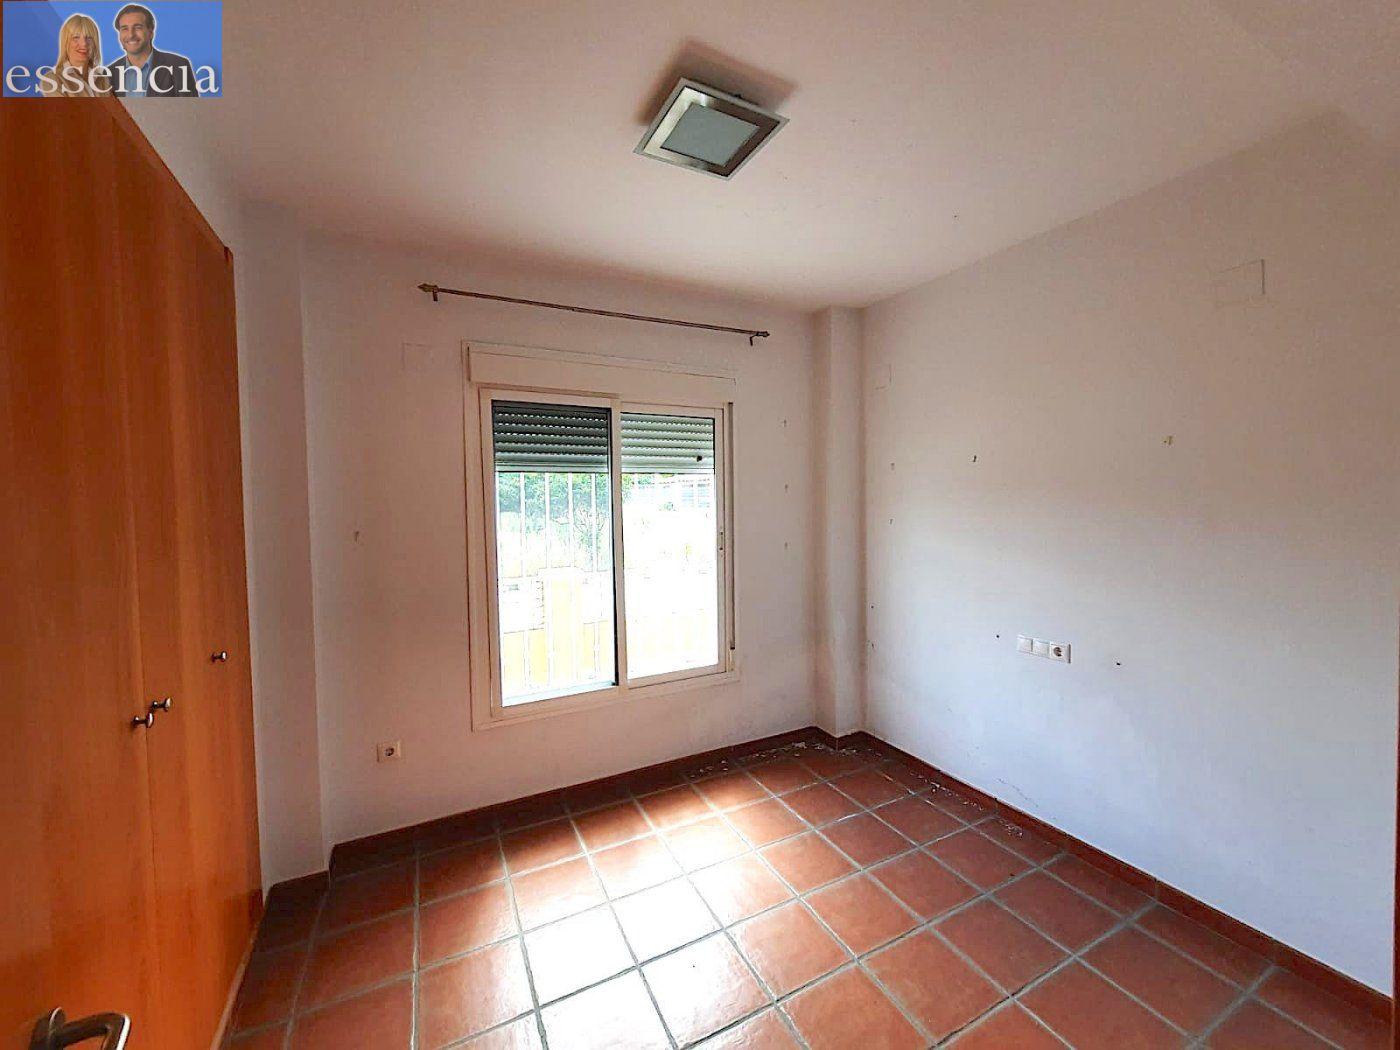 Chalet independiente en venta en calle magraner urbanización xauxa, 6, 46728, gandia (vale - imagenInmueble16